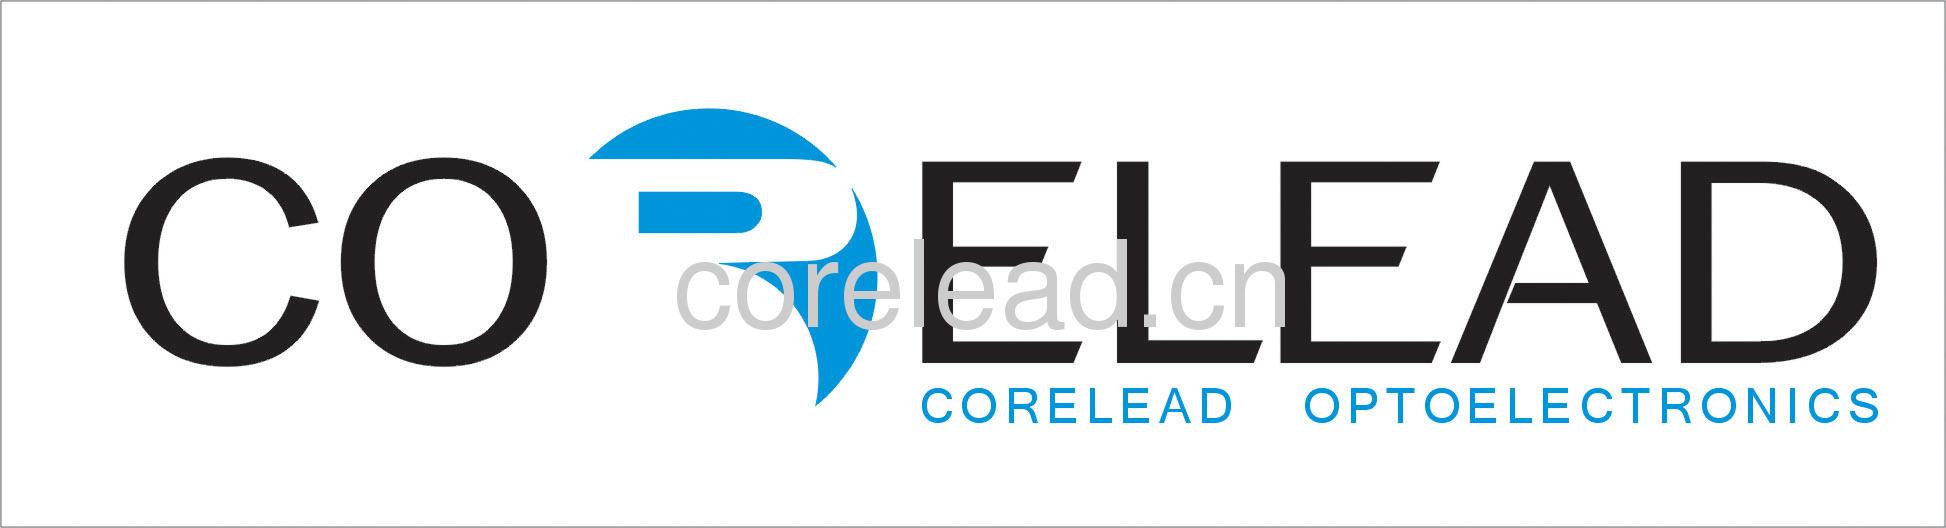 1st Day in CoreLead